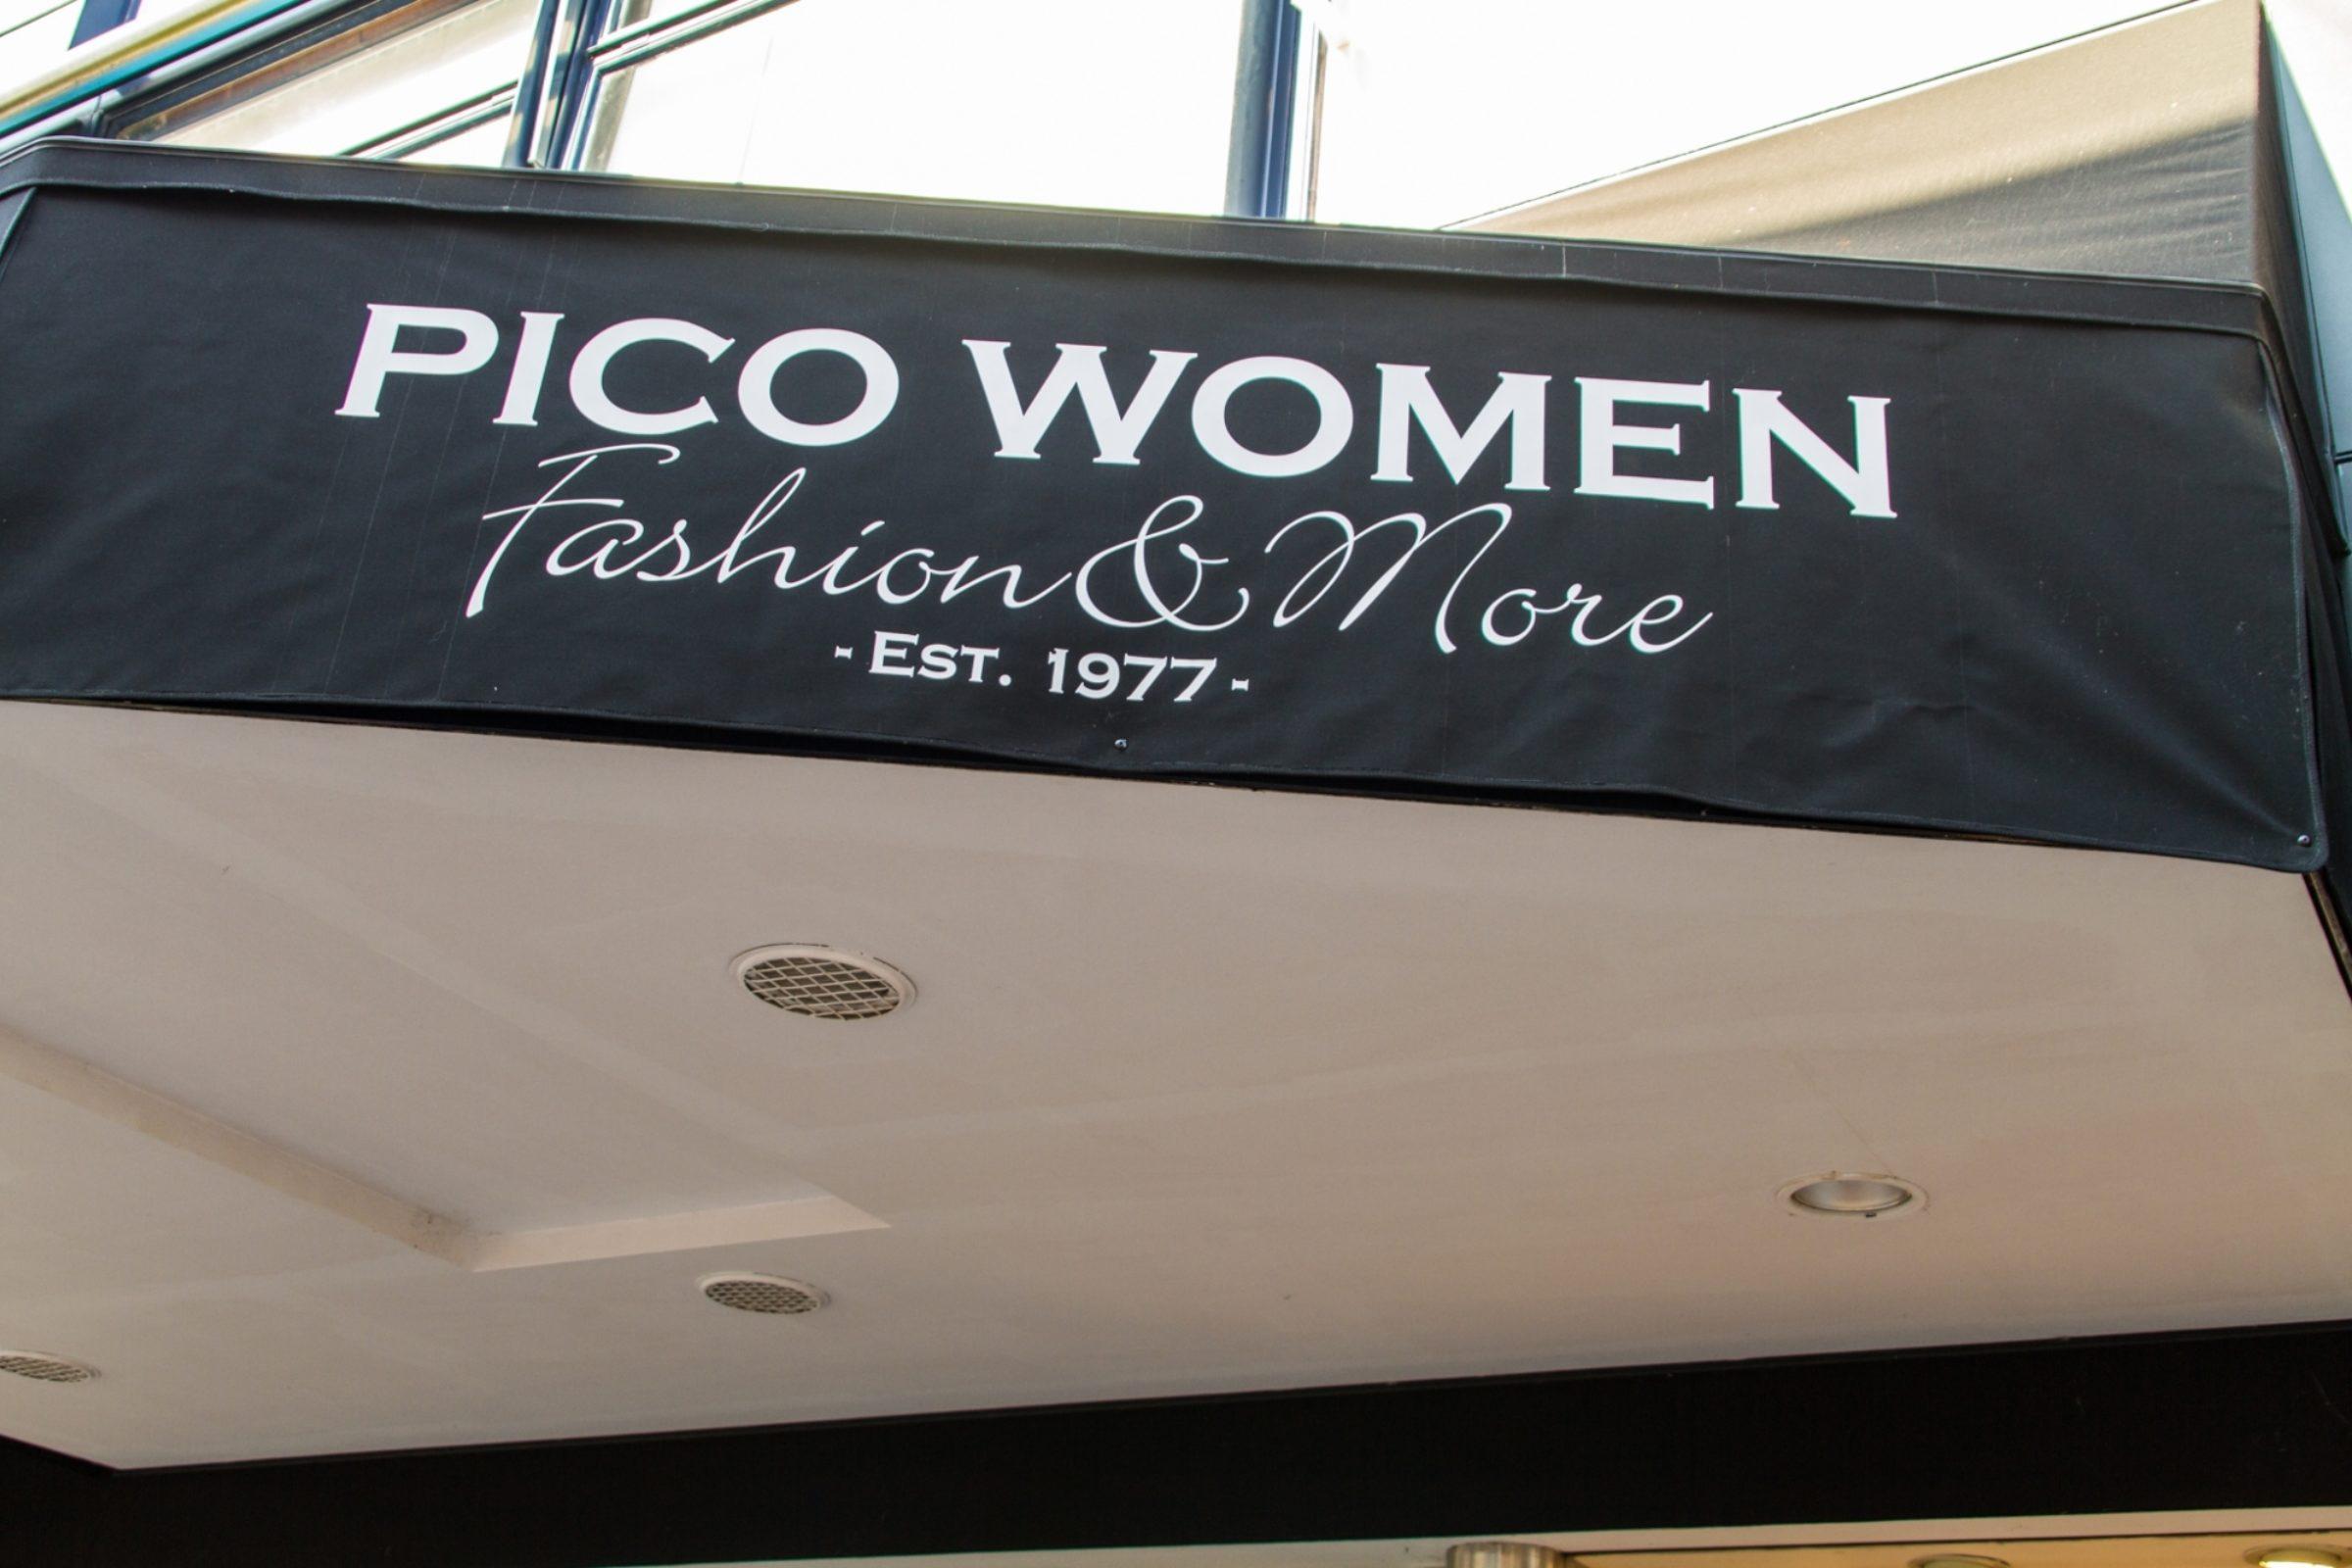 Pico Women